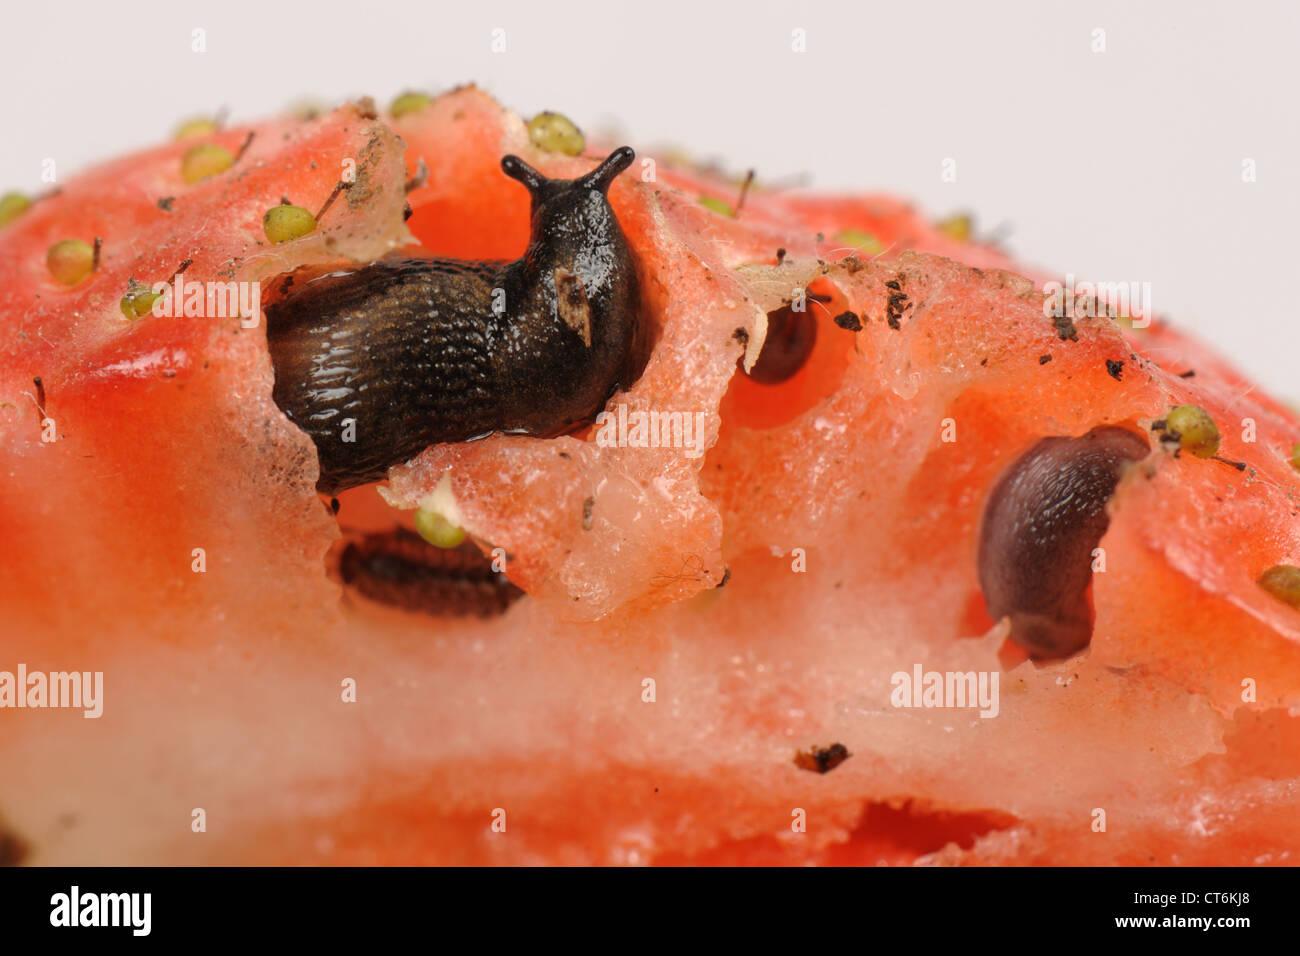 Strawberry fruit with slugs, slug damage and a woodlouse - Stock Image